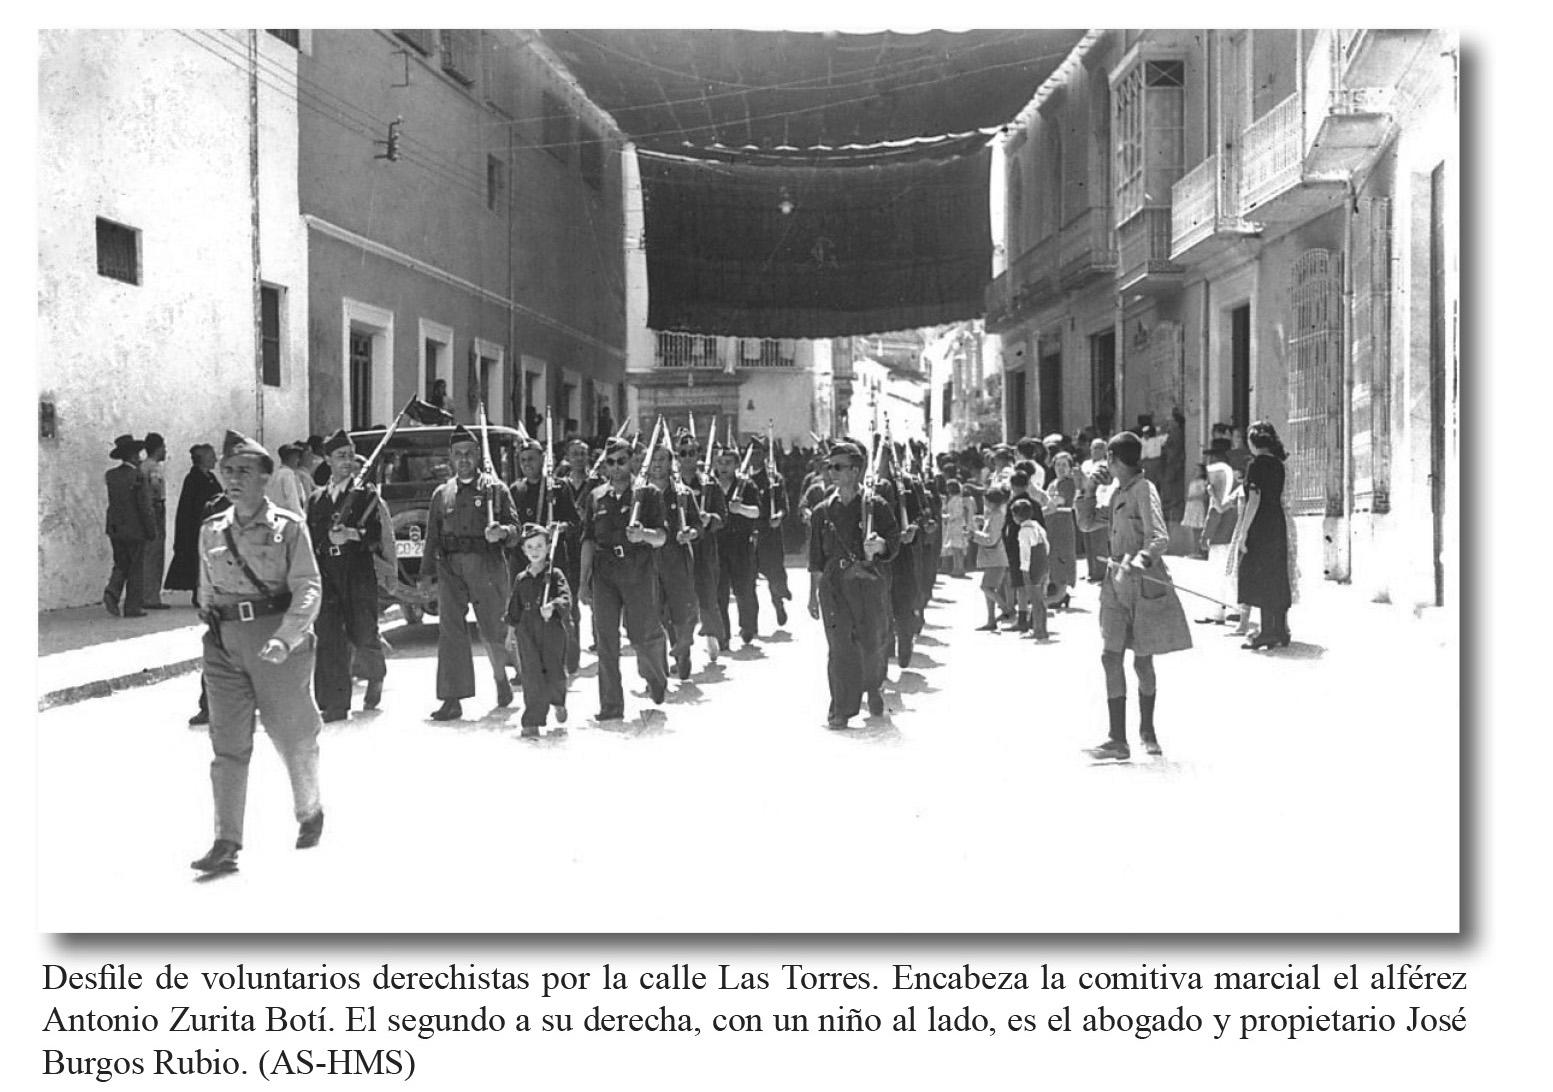 Escuadrón de Caballistas Aracelitanos. C/ las Torres